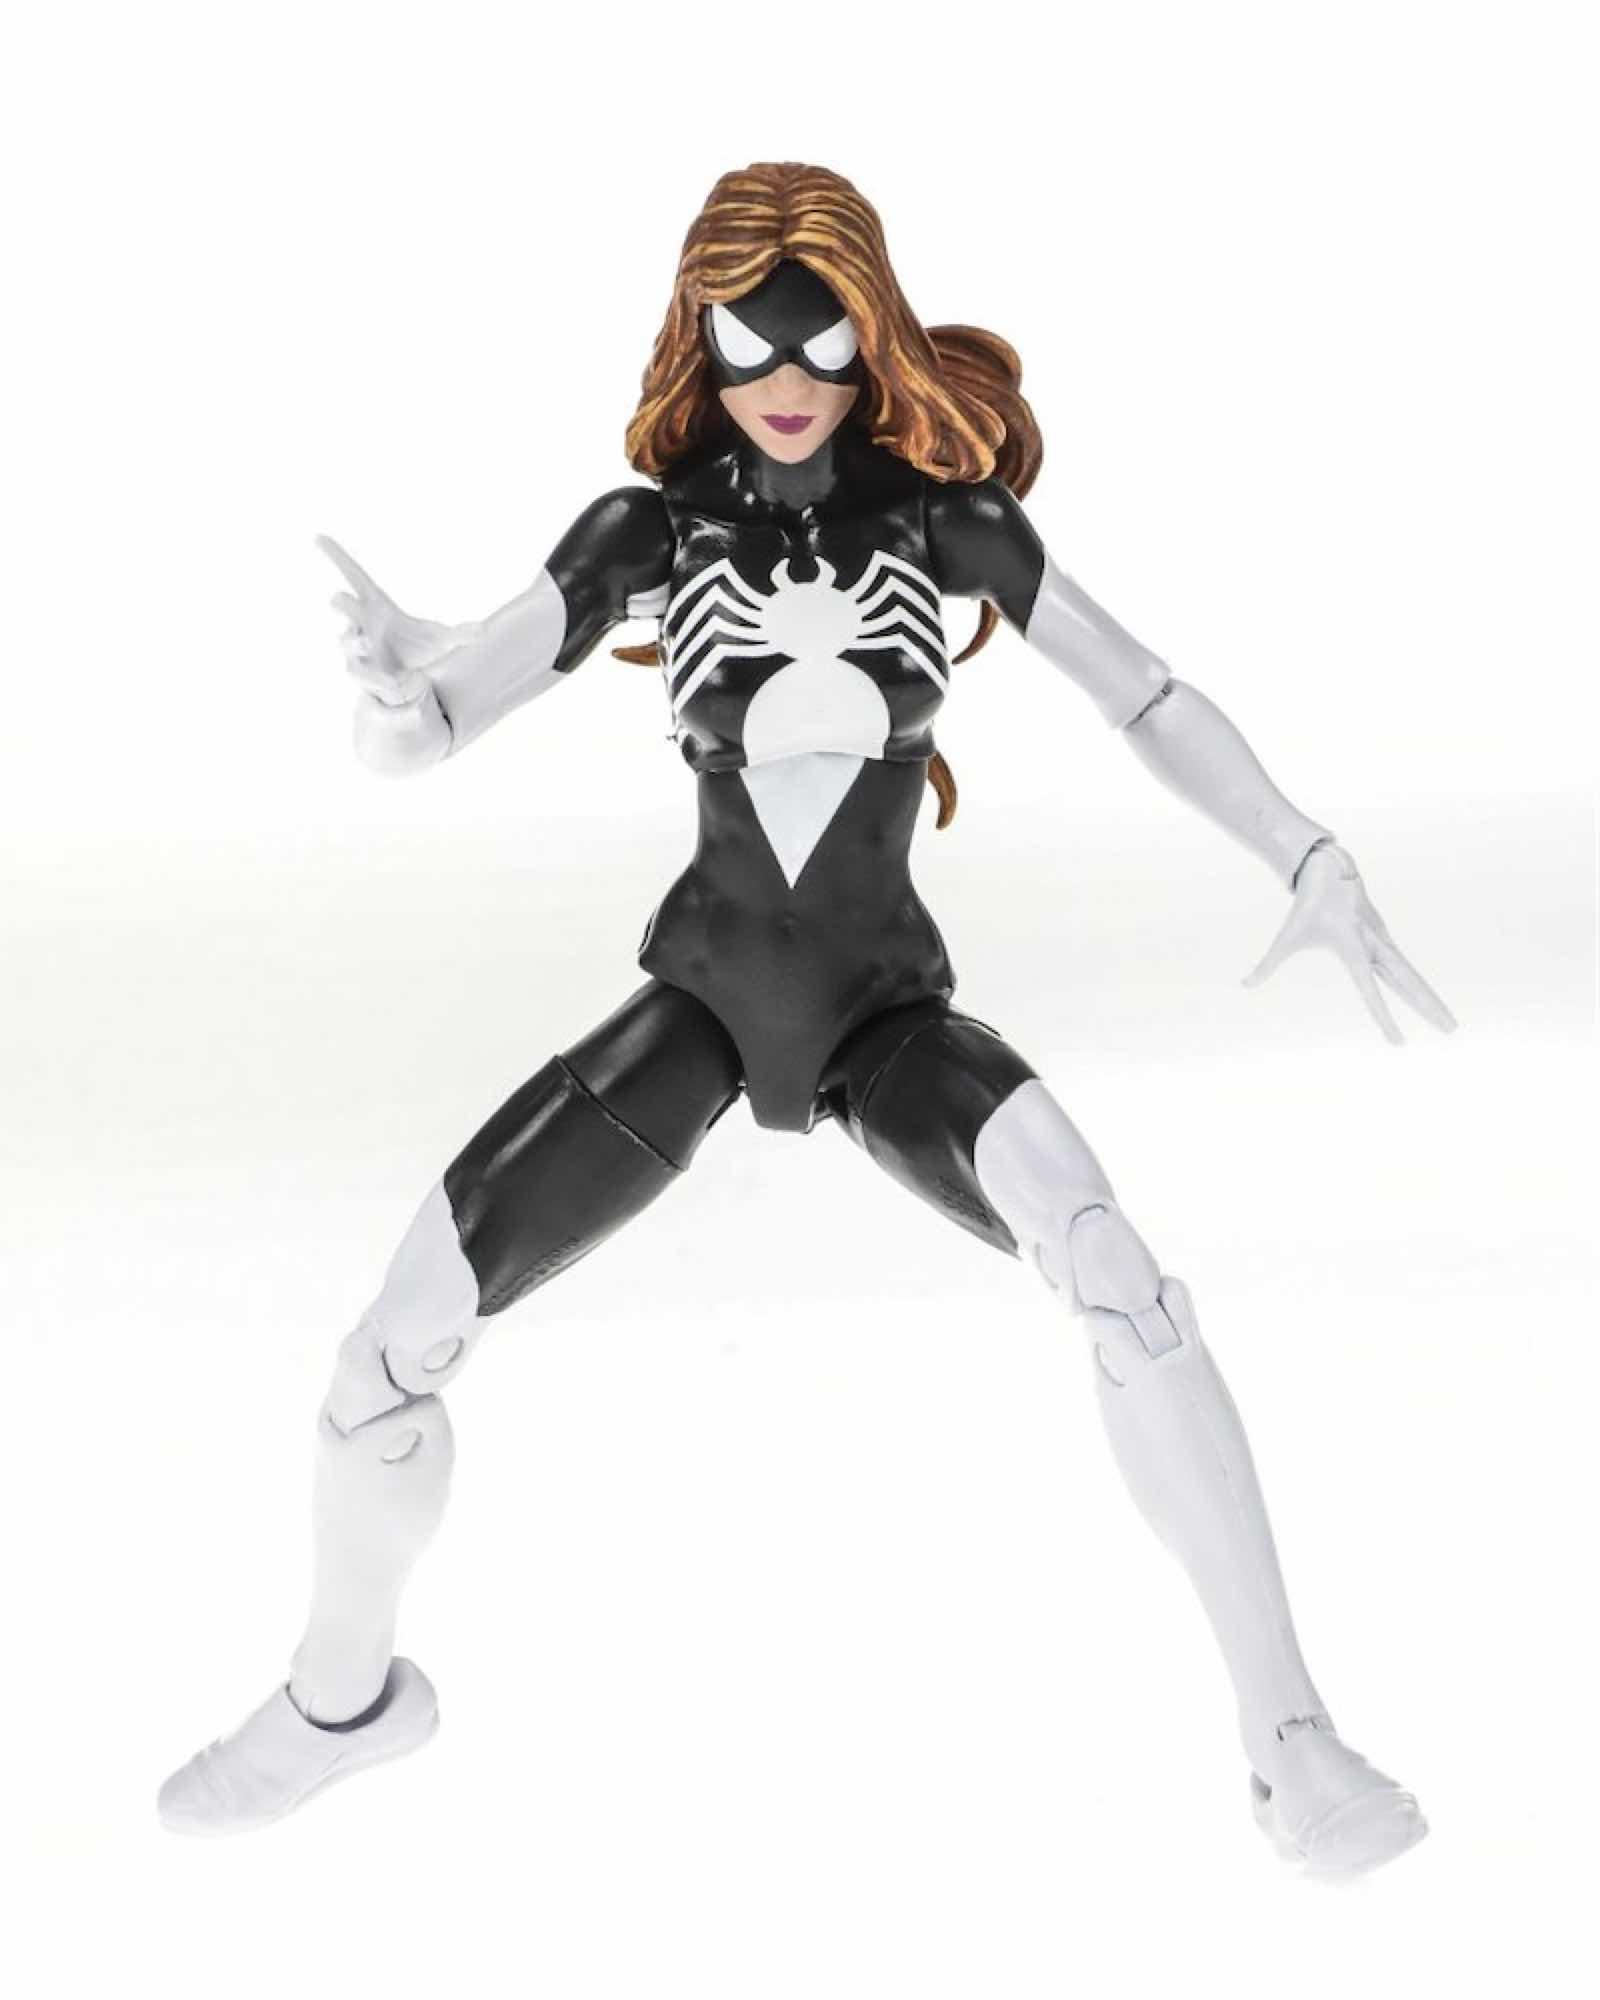 SPIDER-WOMAN BLACK SUIT FIGURA 15 CM MARVEL LEGENDS